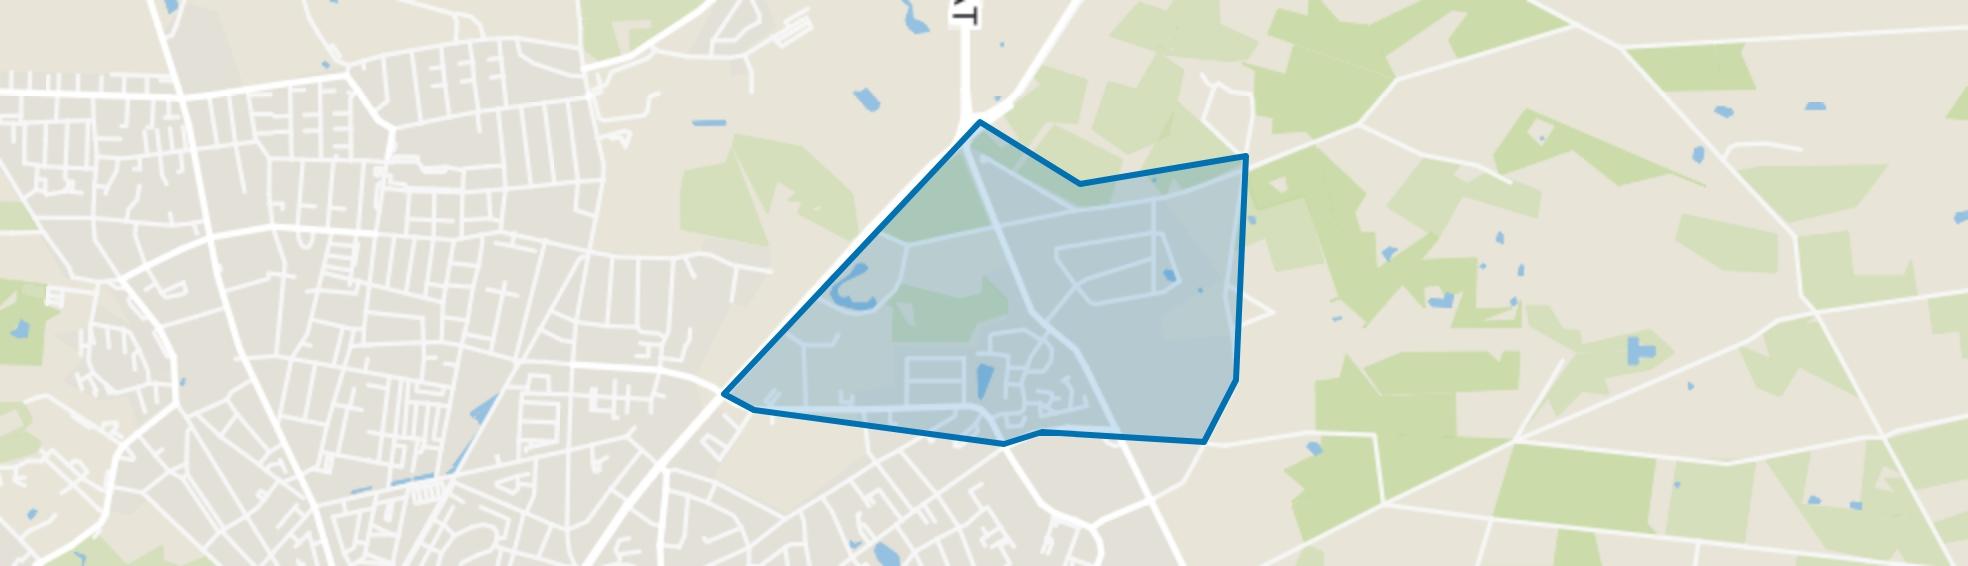 Stokhorst, Enschede map